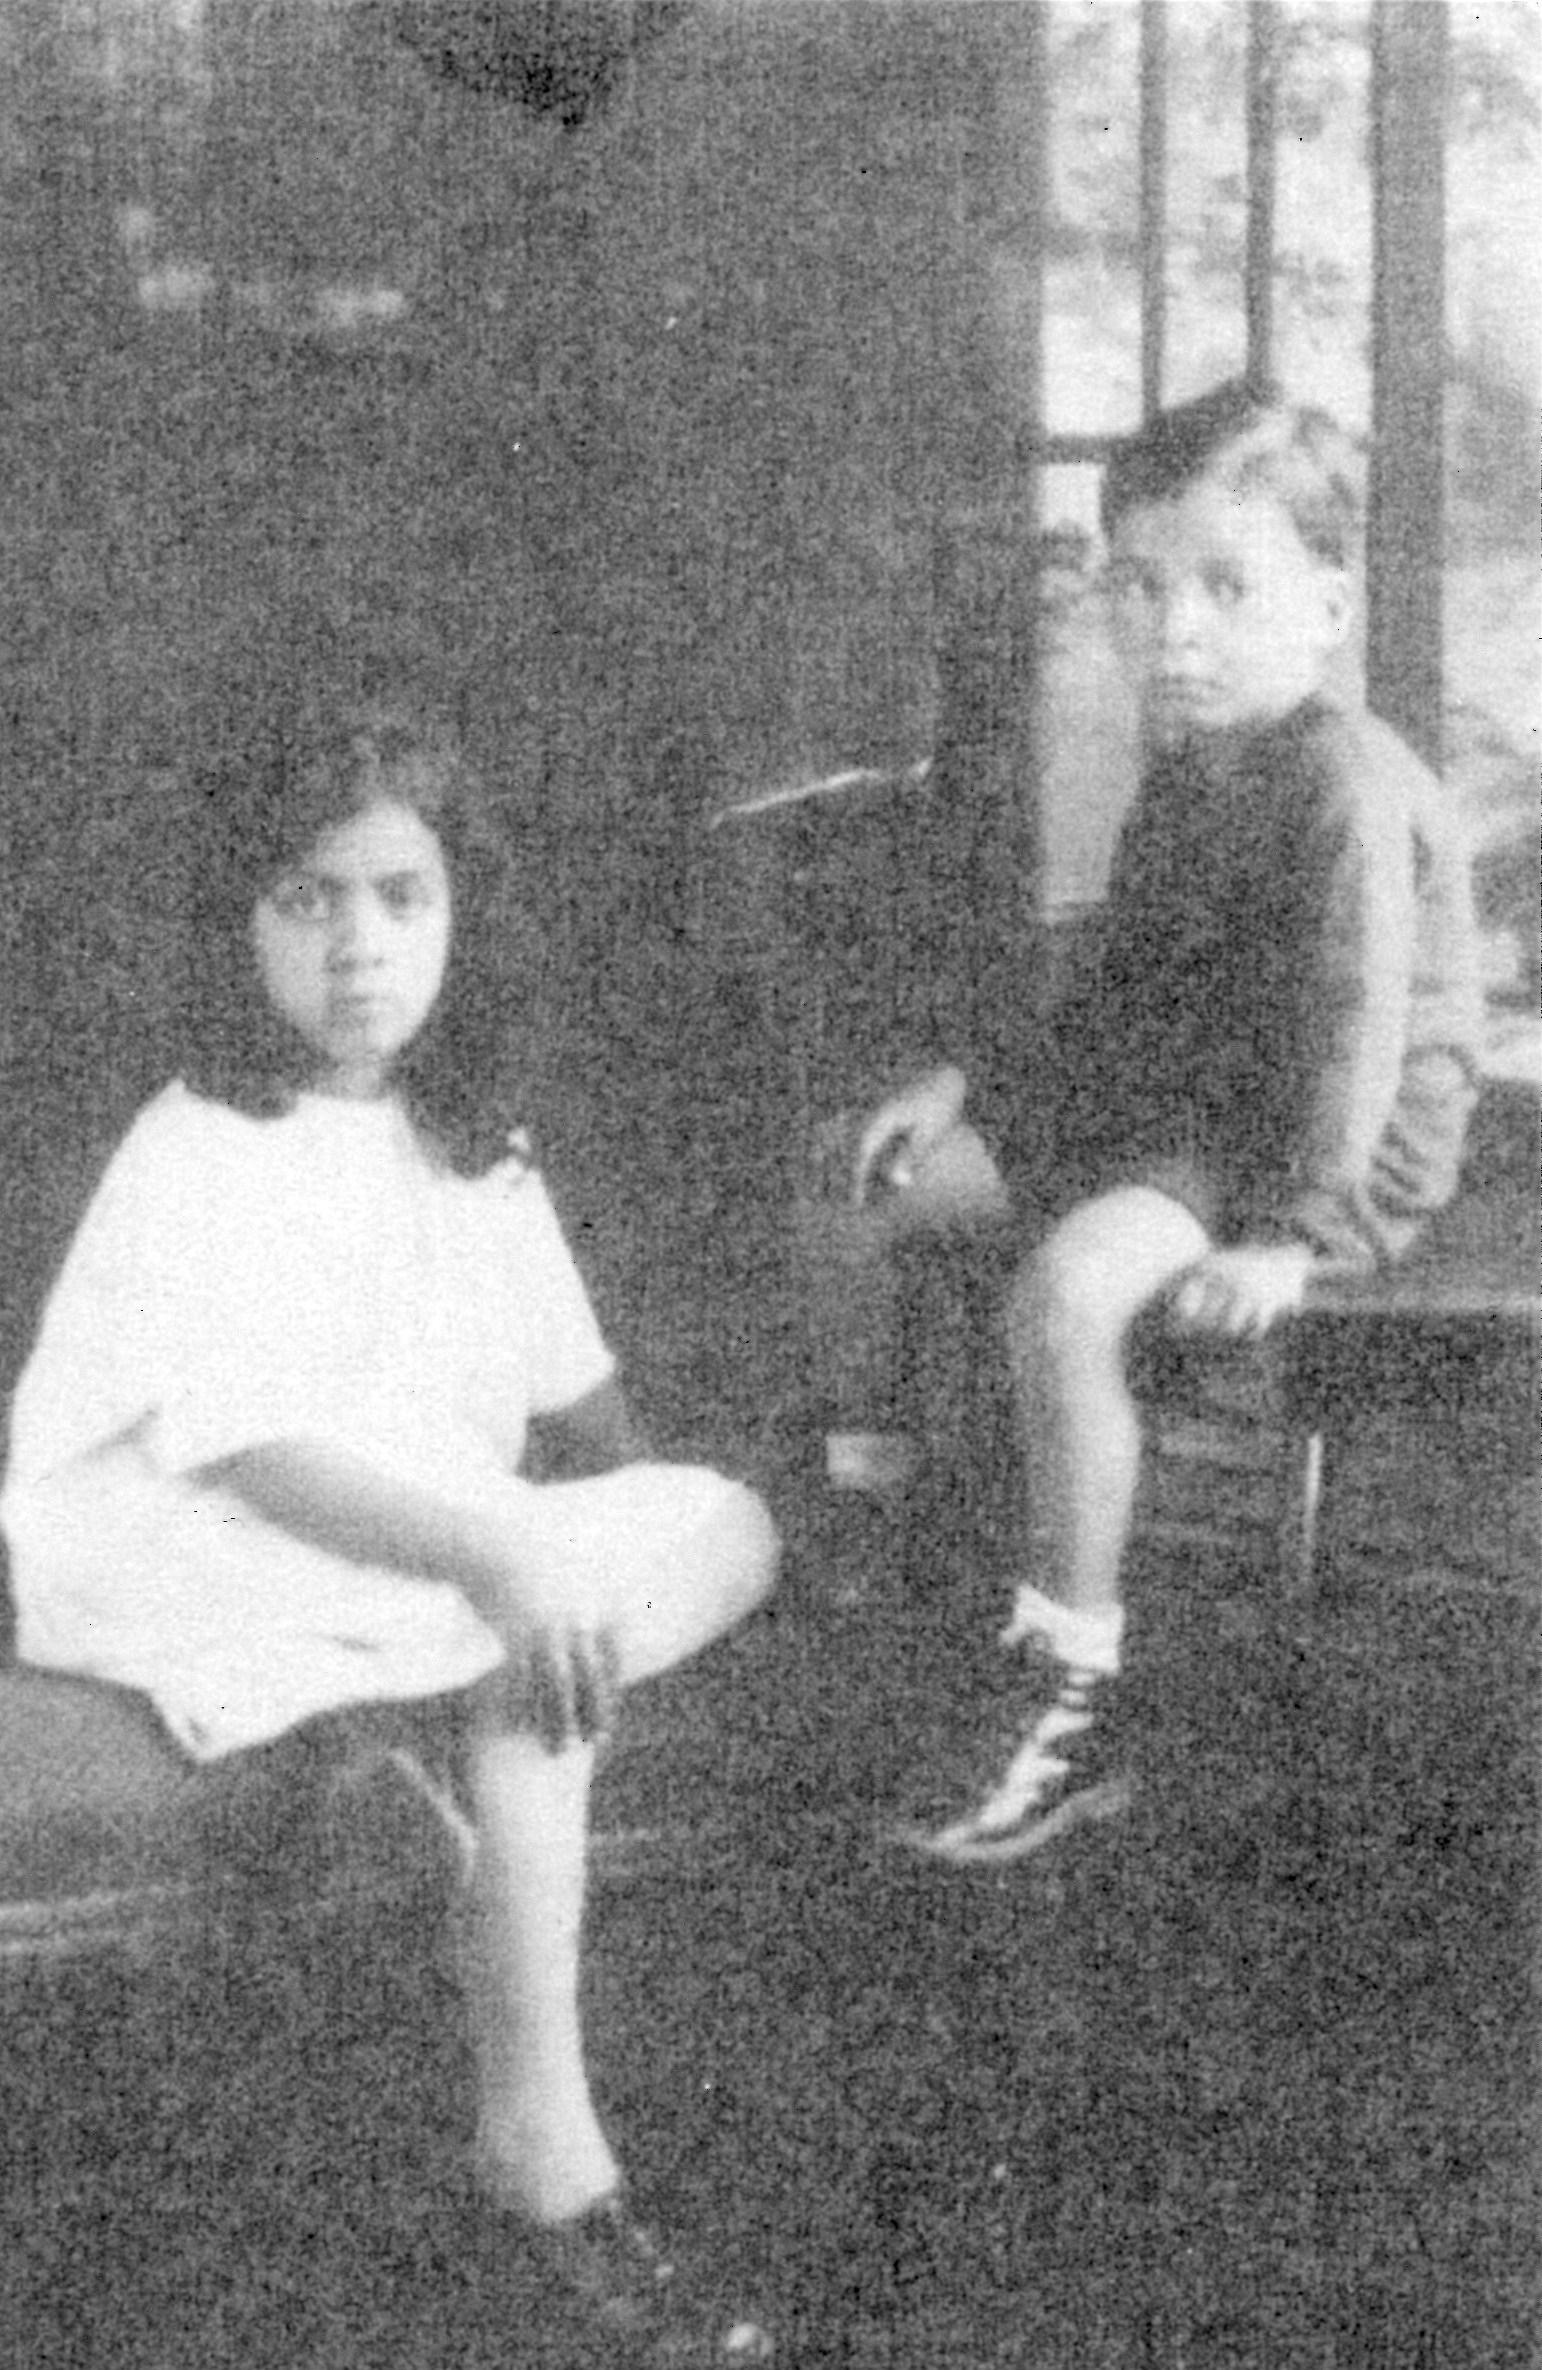 Hilda Mae Mouton & John Daniel Mouton